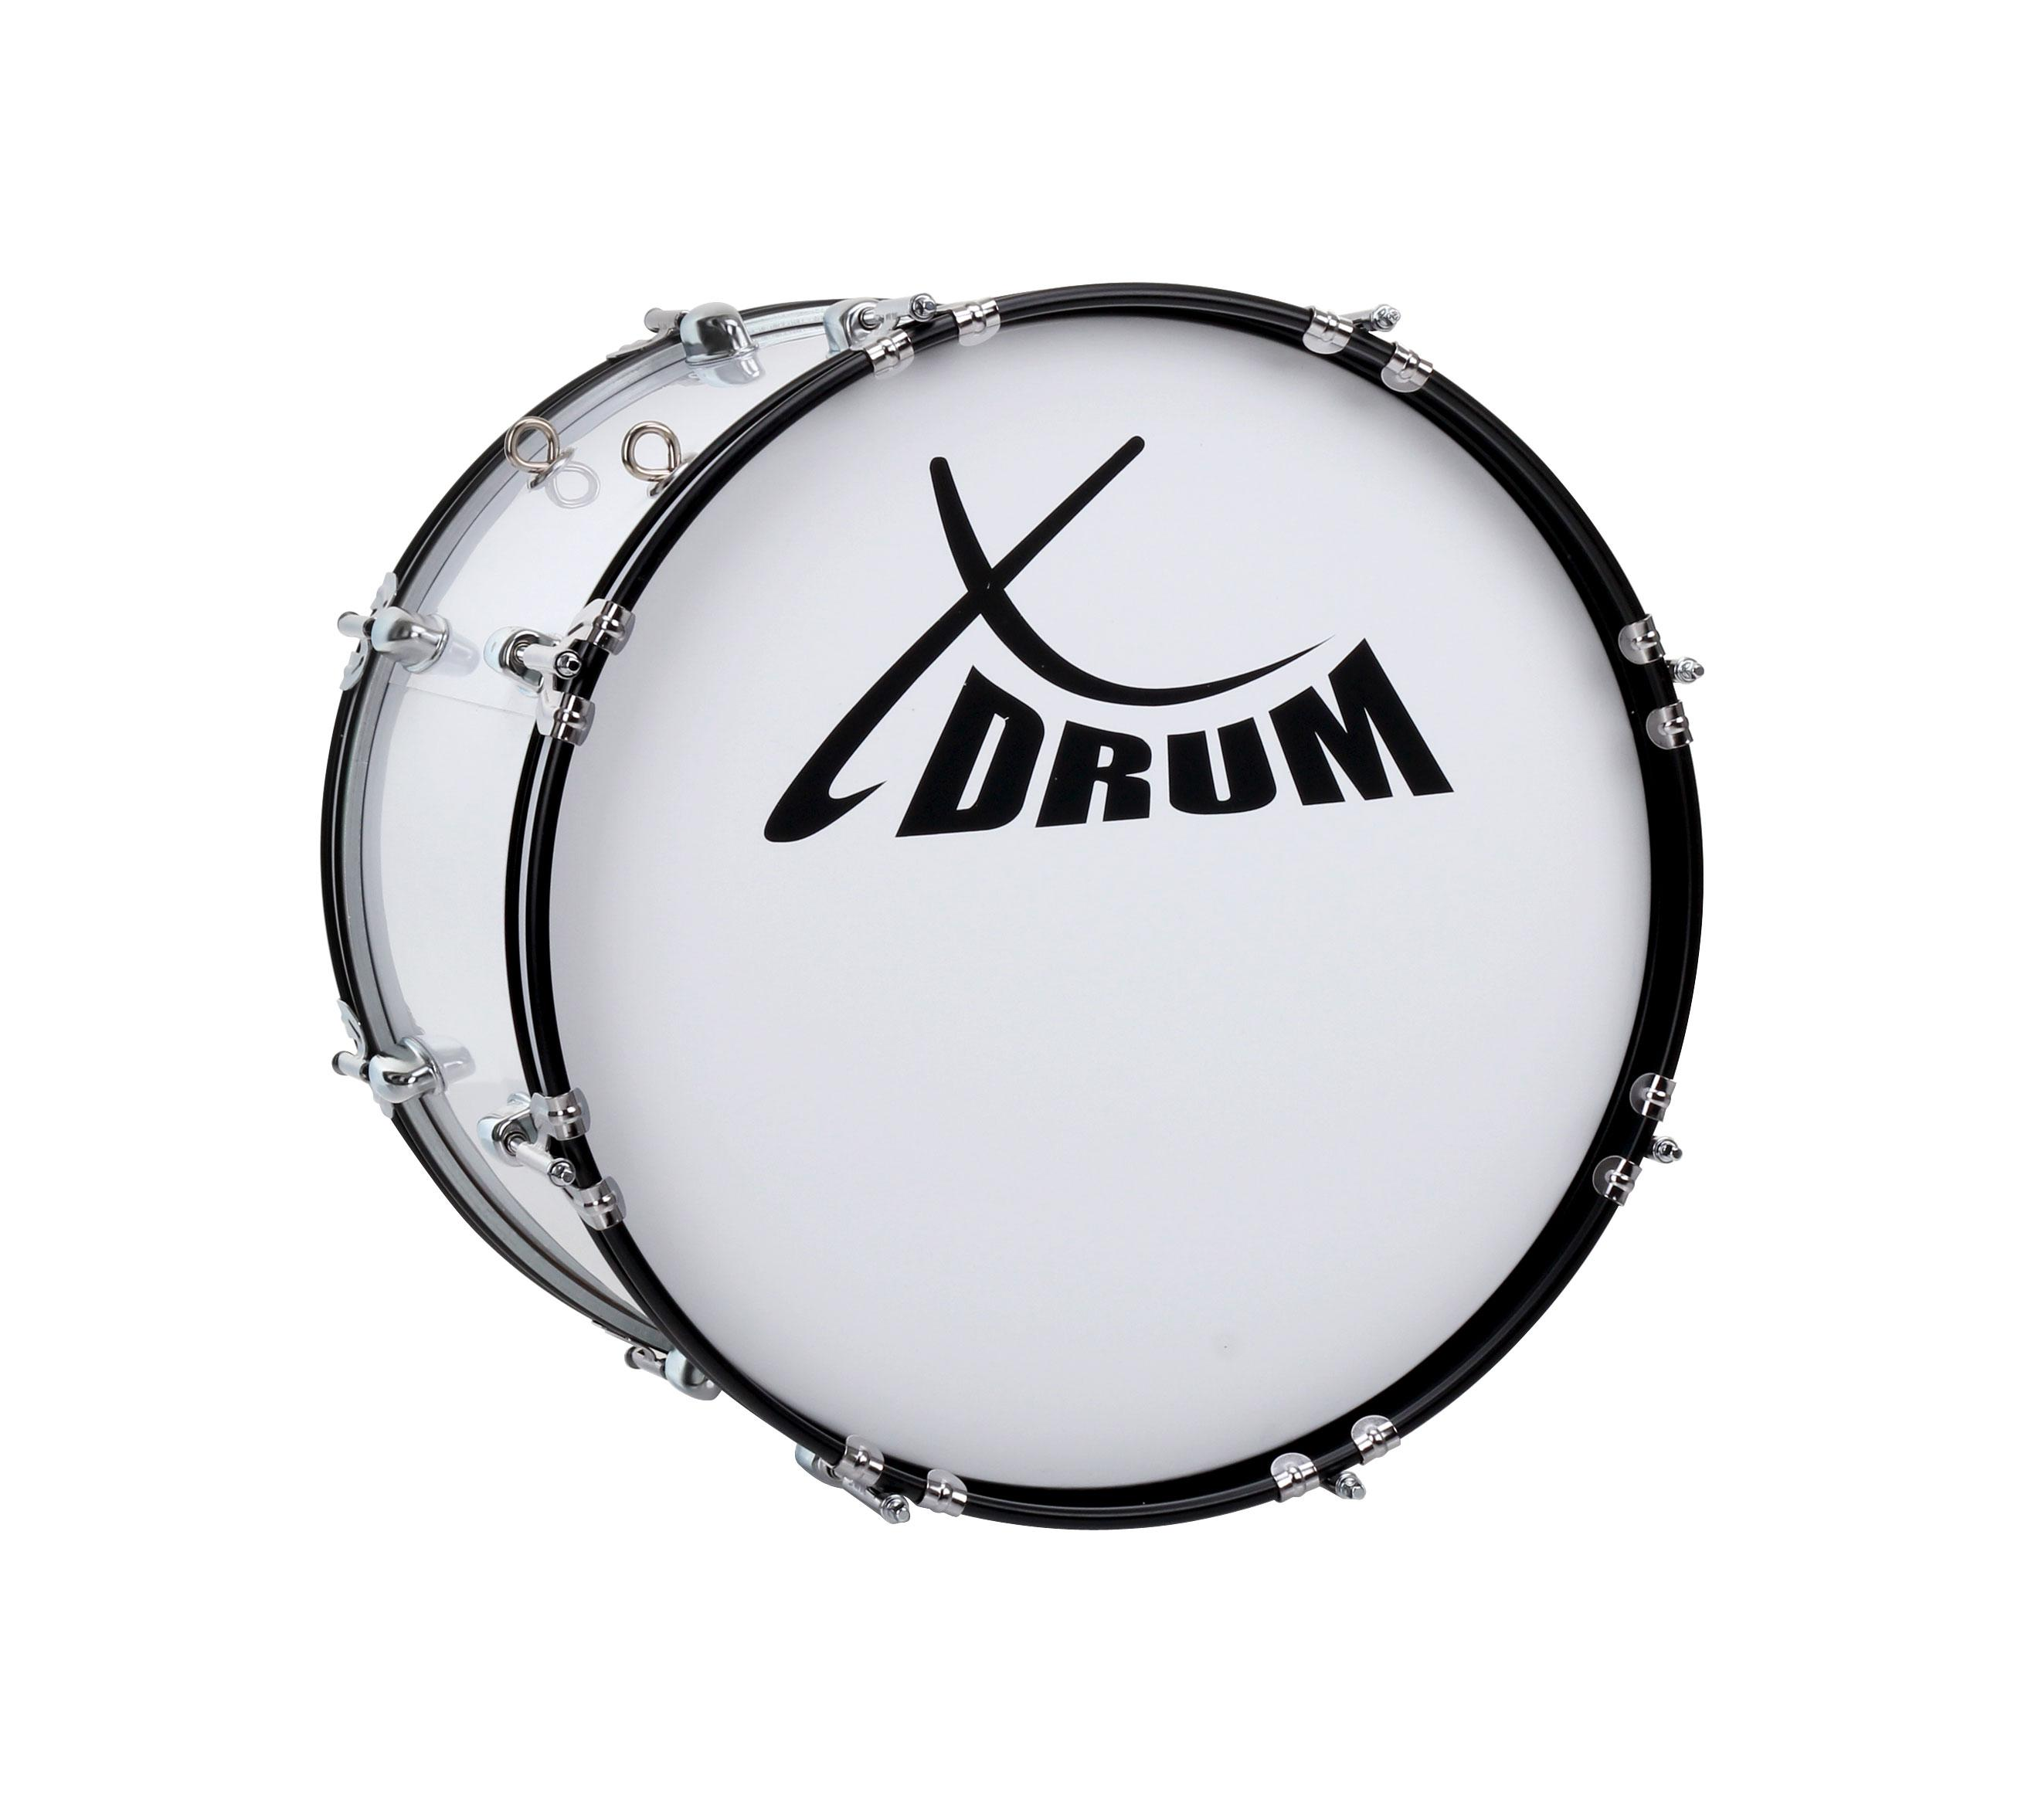 Marching - XDrum MBD 218 Marschtrommel 18' x 12' - Onlineshop Musikhaus Kirstein